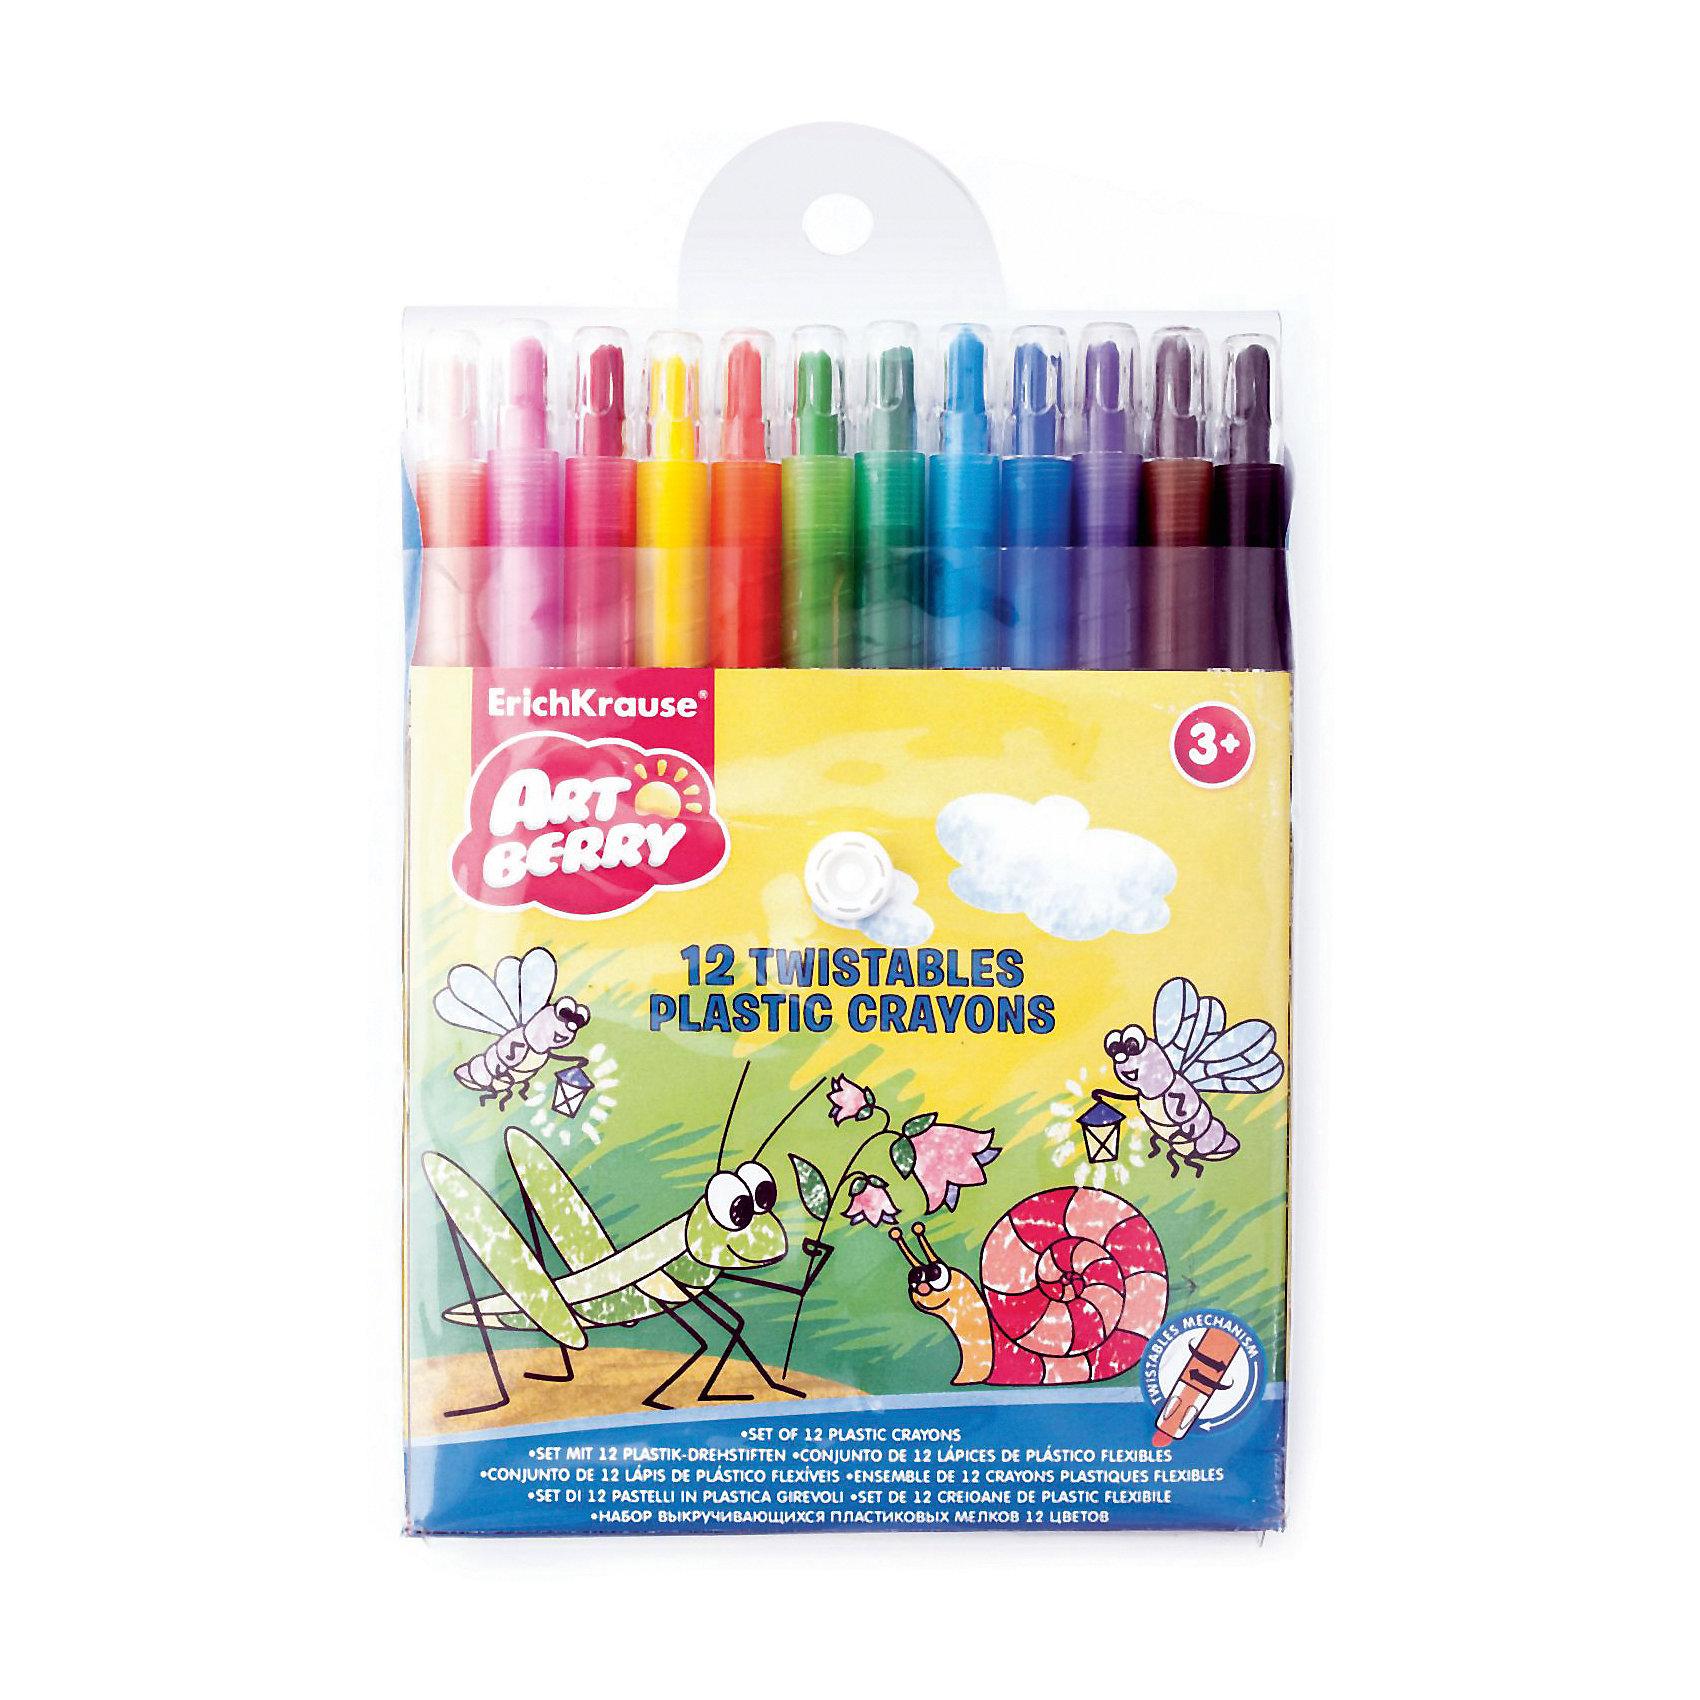 Пластиковые мелки ArtBerry twist, 12 цветовРисование<br>Характеристики товара:<br><br>• материал упаковки: пластик <br>• количество цветов: 12<br>• пластиковый корпус с выкручивающимся механизмом<br>• длина: 16 см<br>• круглые<br>• возраст: от 3 лет<br>• вес: 178 г<br>• габариты упаковки: 13,8х16х1,5 см<br>• страна производитель: Китай<br><br>Мелки пачкают ручки? Попробуйте приобрести ребенку мелки в пластиковой упаковке. Основная часть мелка выдвигается по мере израсходования рабочей части. Удобная треугольная форма карандаша уверенно сидит в маленькой детской ручке.<br><br>Пластиковые мелки ArtBerry twist, 12 цветов, можно купить в нашем интернет-магазине.<br><br>Ширина мм: 138<br>Глубина мм: 160<br>Высота мм: 15<br>Вес г: 178<br>Возраст от месяцев: 36<br>Возраст до месяцев: 2147483647<br>Пол: Унисекс<br>Возраст: Детский<br>SKU: 3293907